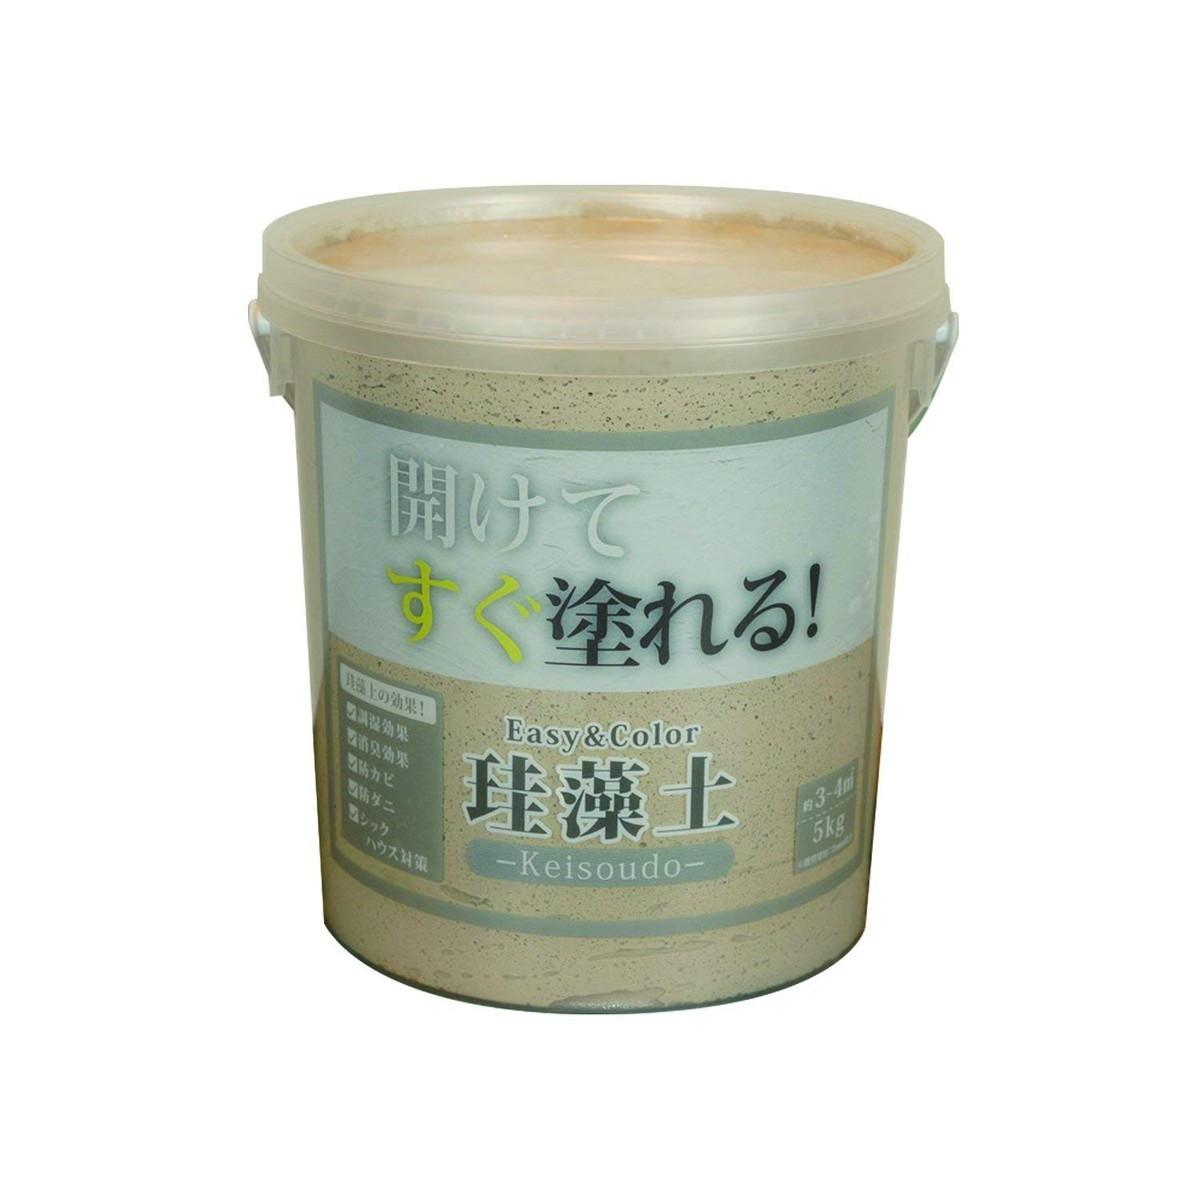 ワンウィル Easy&Color珪藻土 5kg キャメル 3793060006【クーポン配布中】